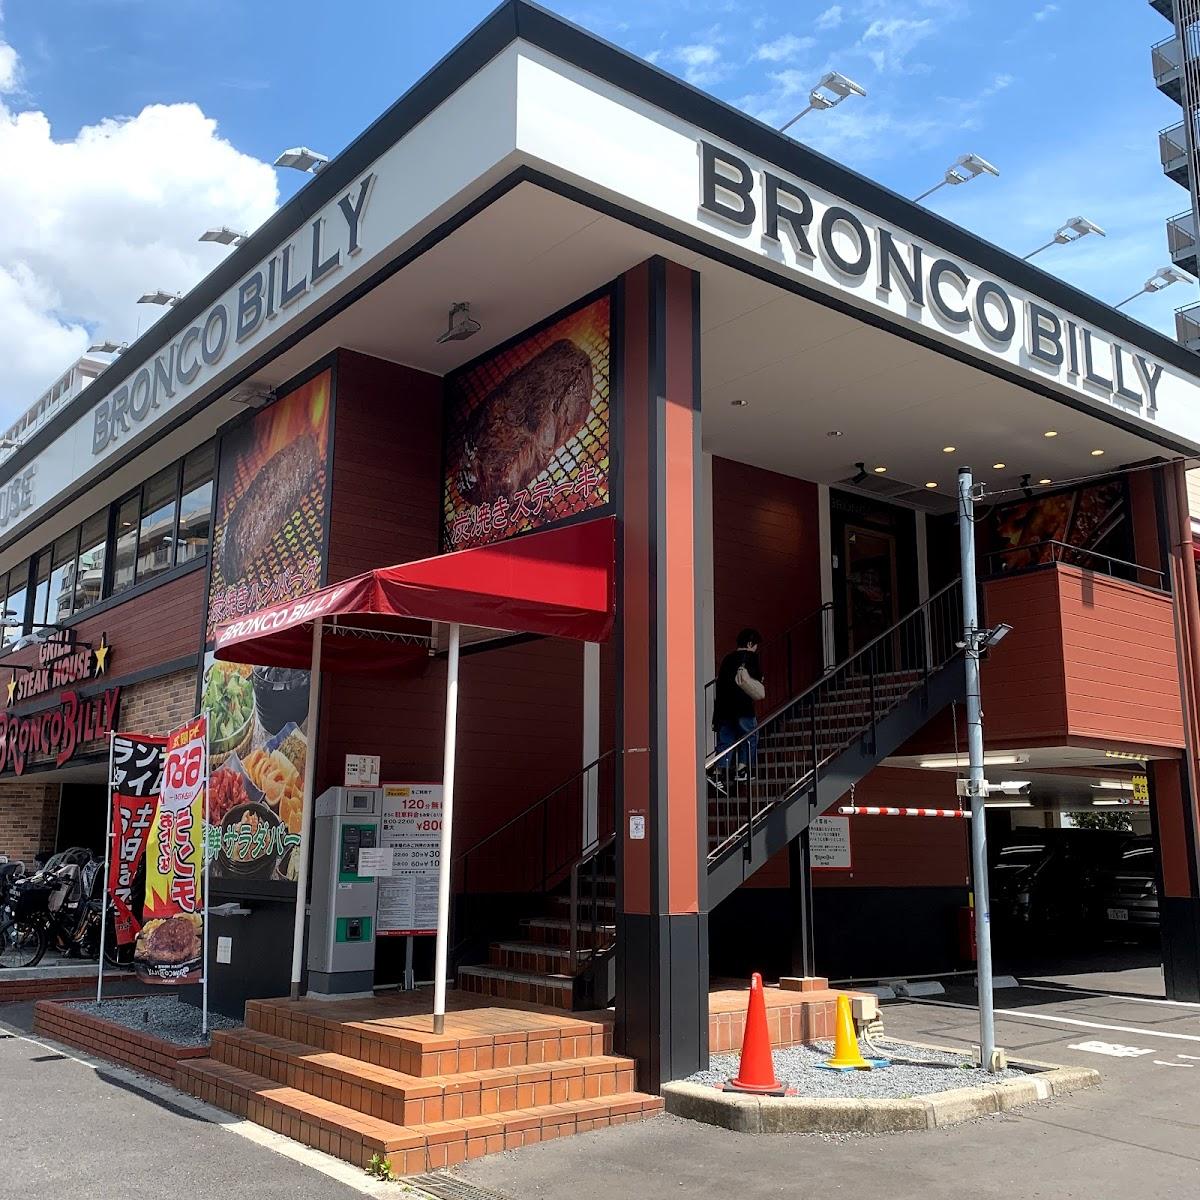 ブロンコビリーはおすすめのハンバーグ・焼肉店